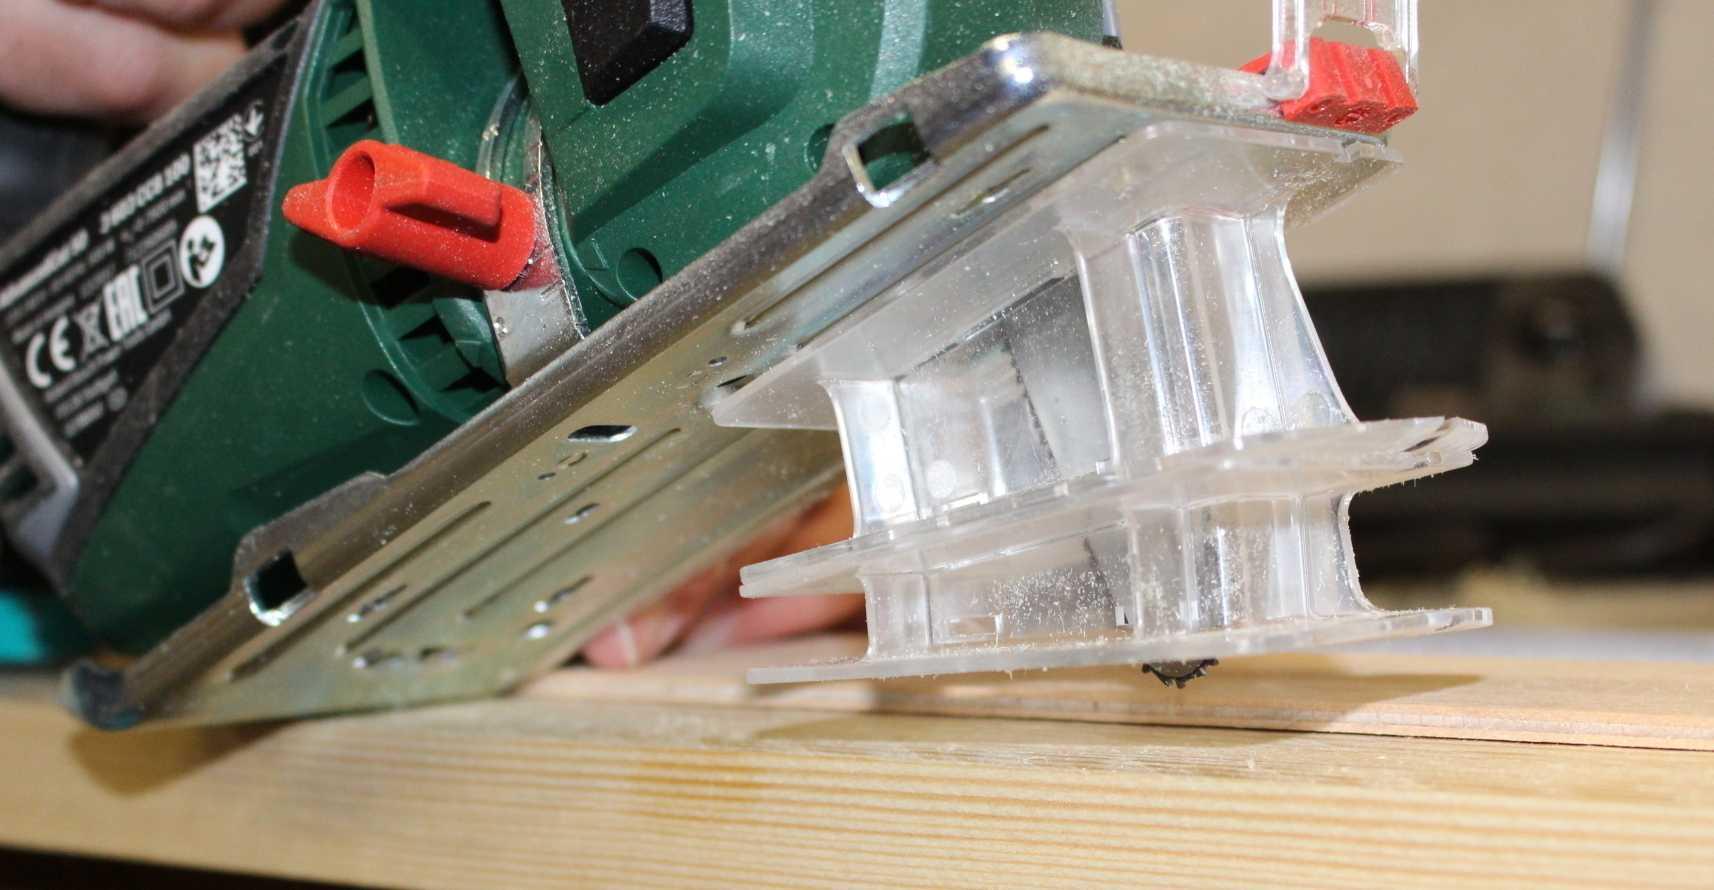 Unter einer grünen Kettensäge sind zwei durchsichtige Plastikeinsätze eingeklemmt.